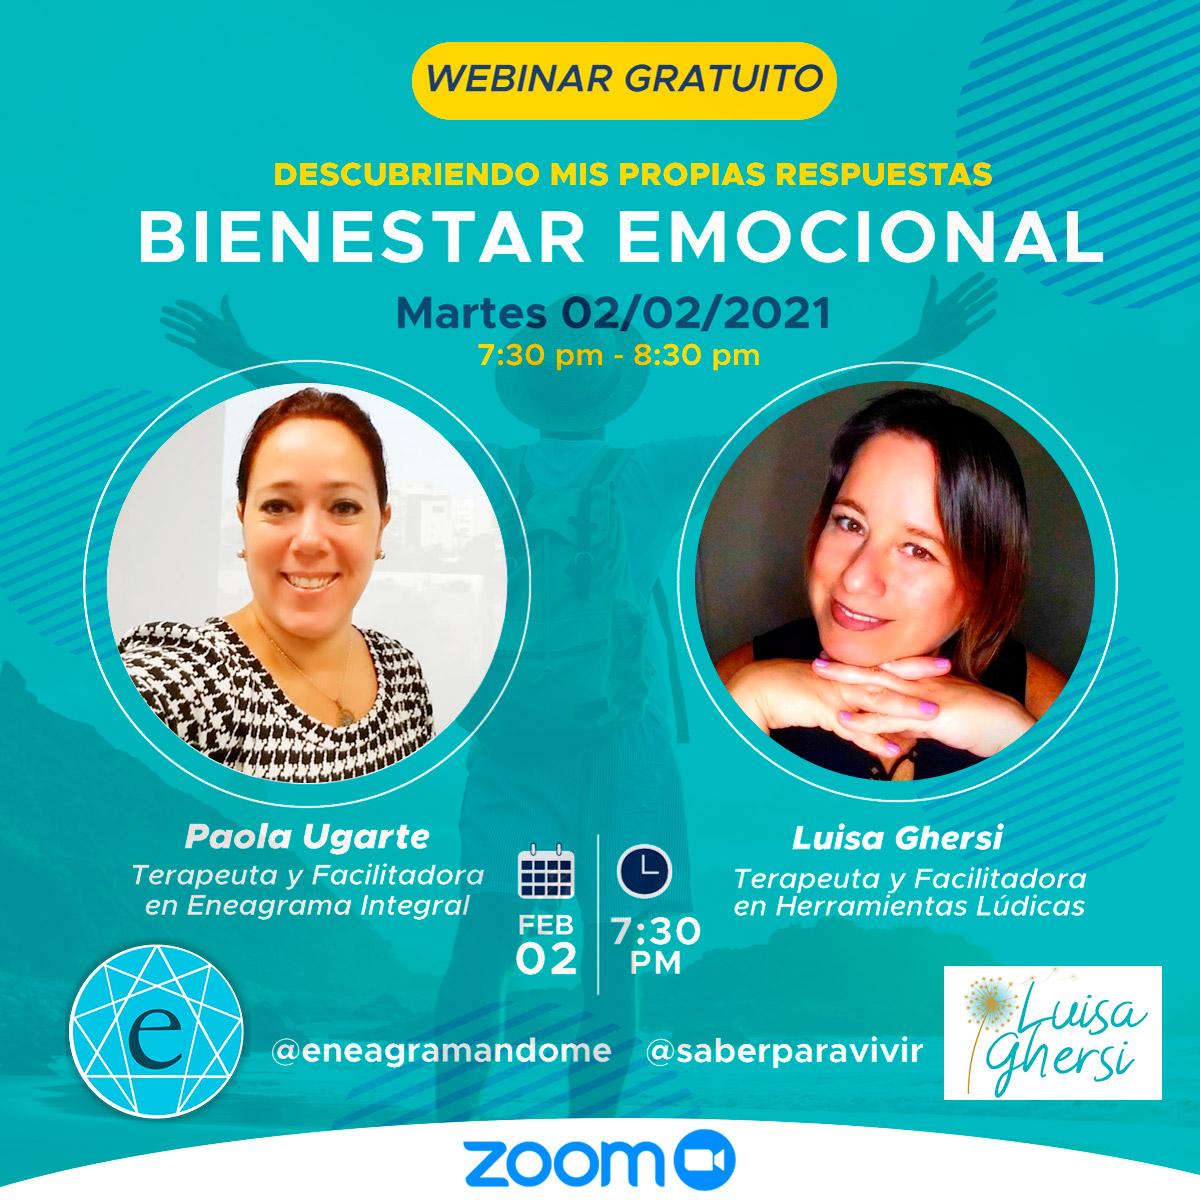 Webinar gratuito Bienestar Emocional